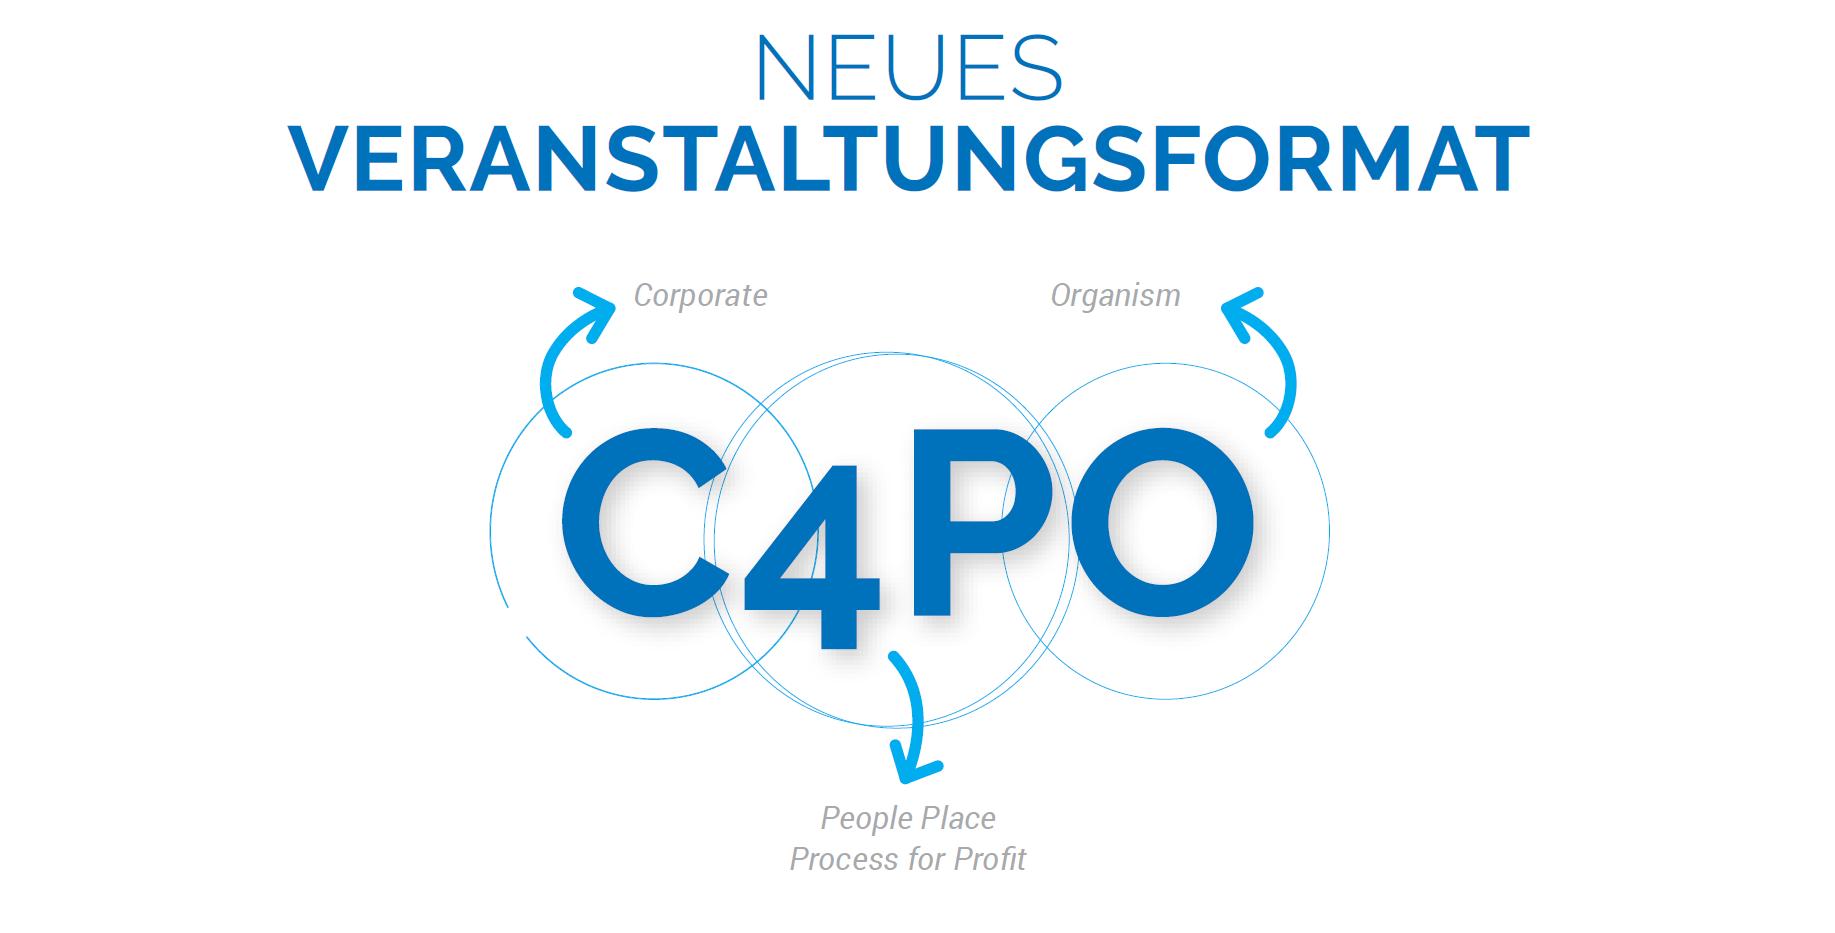 C4PO - für was steht C4PO? C4PO steht für einen betrieblichen Organismus im digitalen Zeitalter, der Menschen, Infrastruktur und Prozesse synergetisch aufeinanderabstimmt, um wirtschaftliche Zielsetzungen zu erreichen. Organismus statt Organigramm. Partnerschaft statt In- oder Outsourcing.